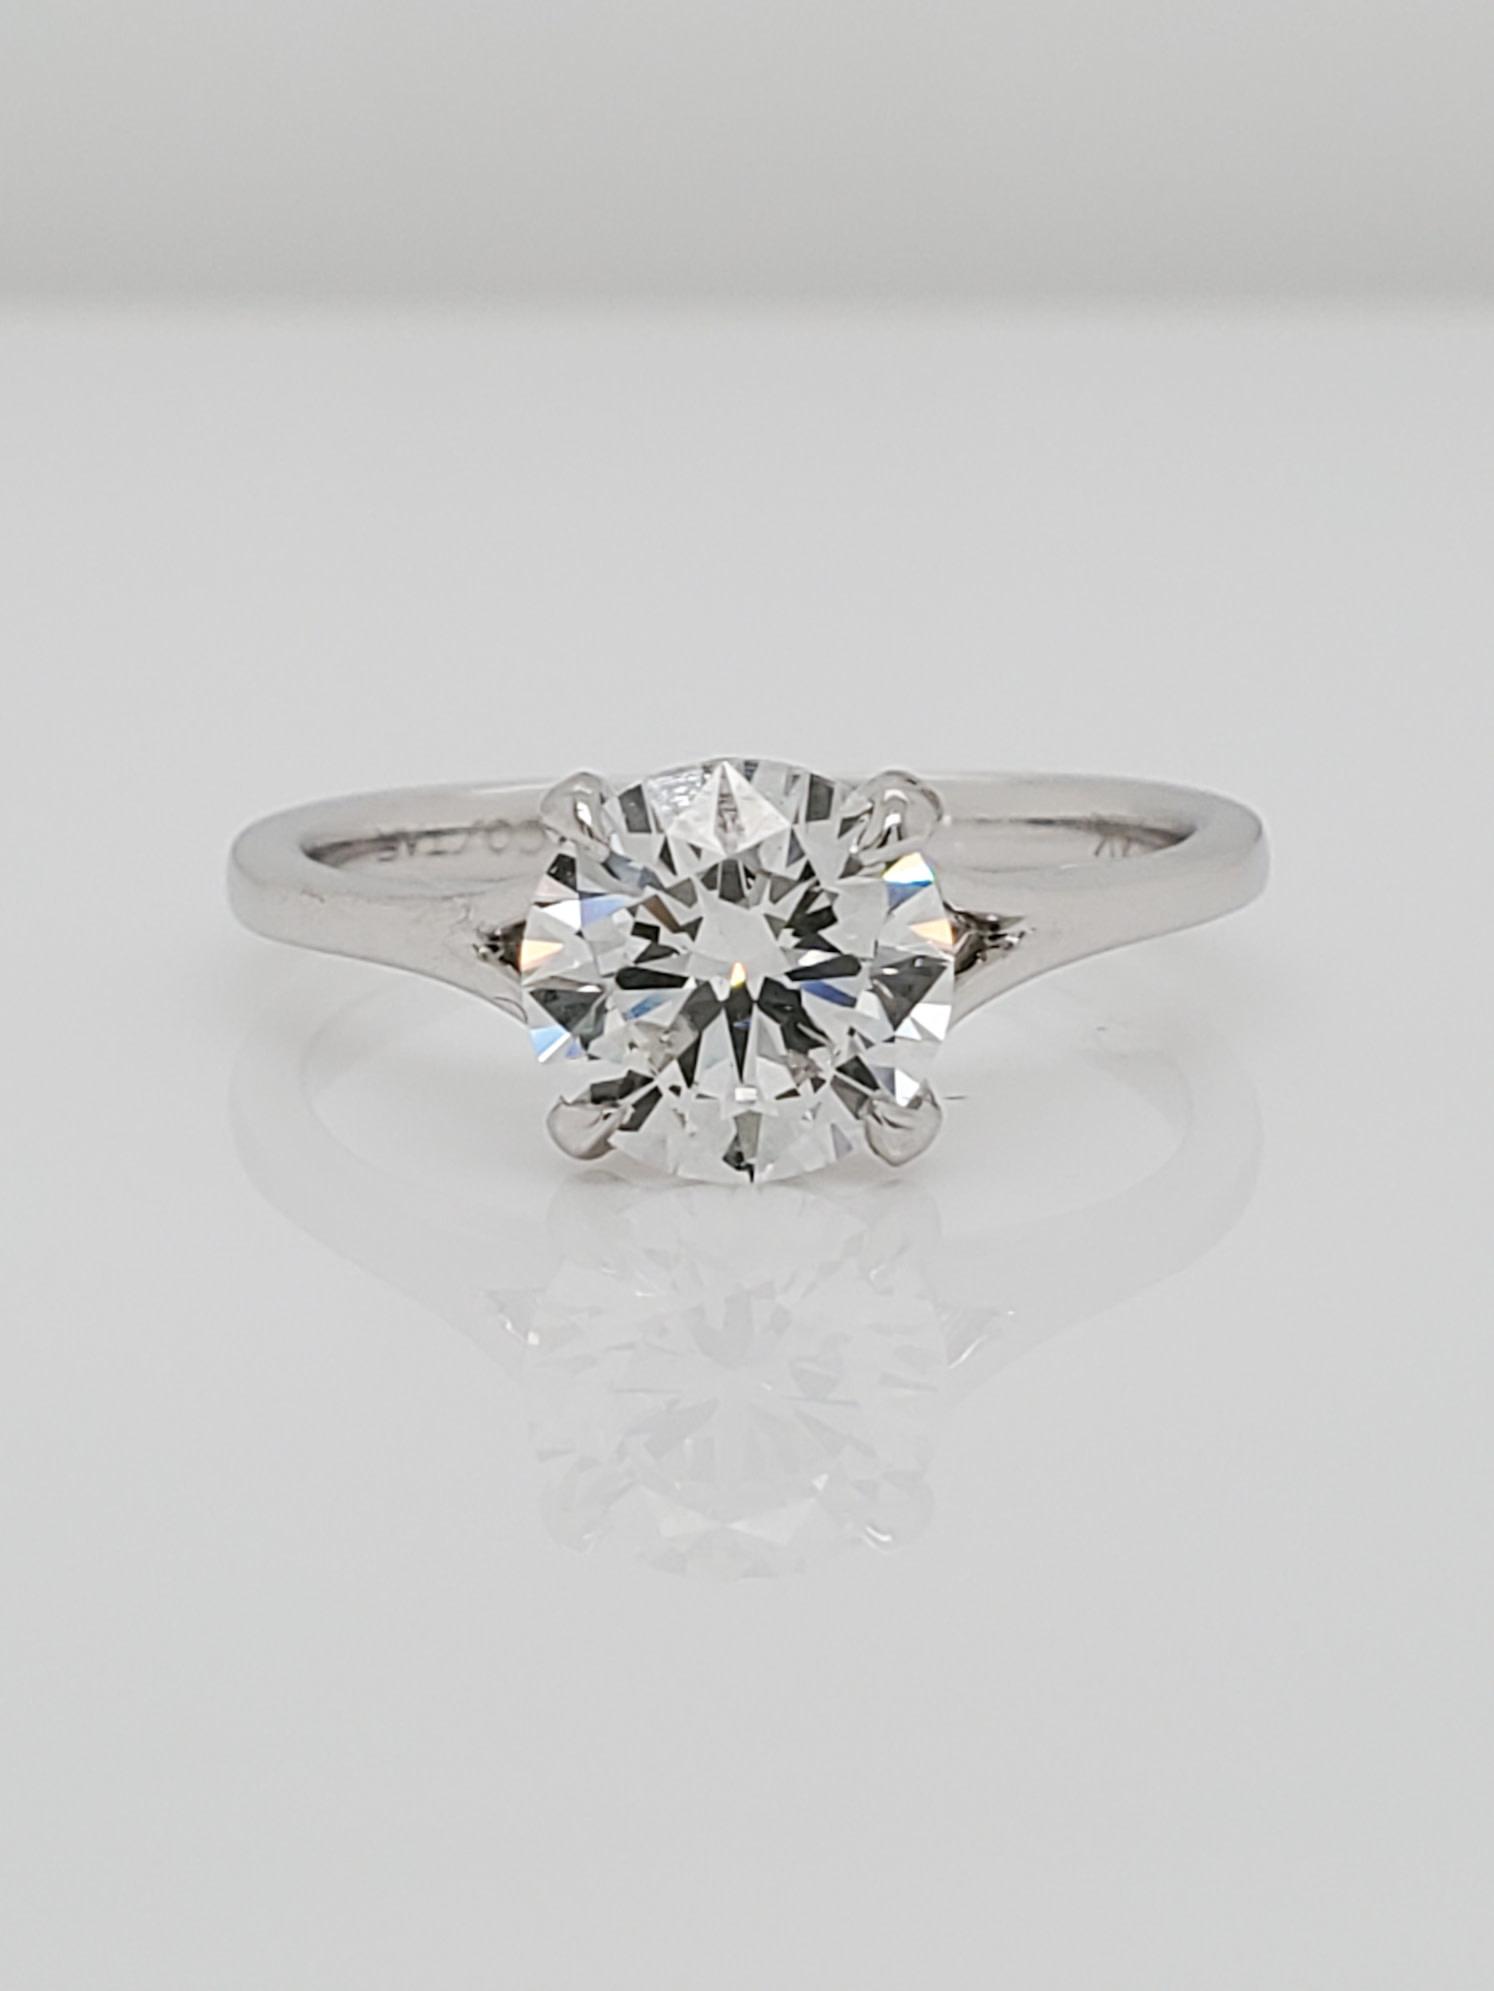 14 KT White Gold 1.03 G/VS1 Lab Grown Diamond Engagement Ring